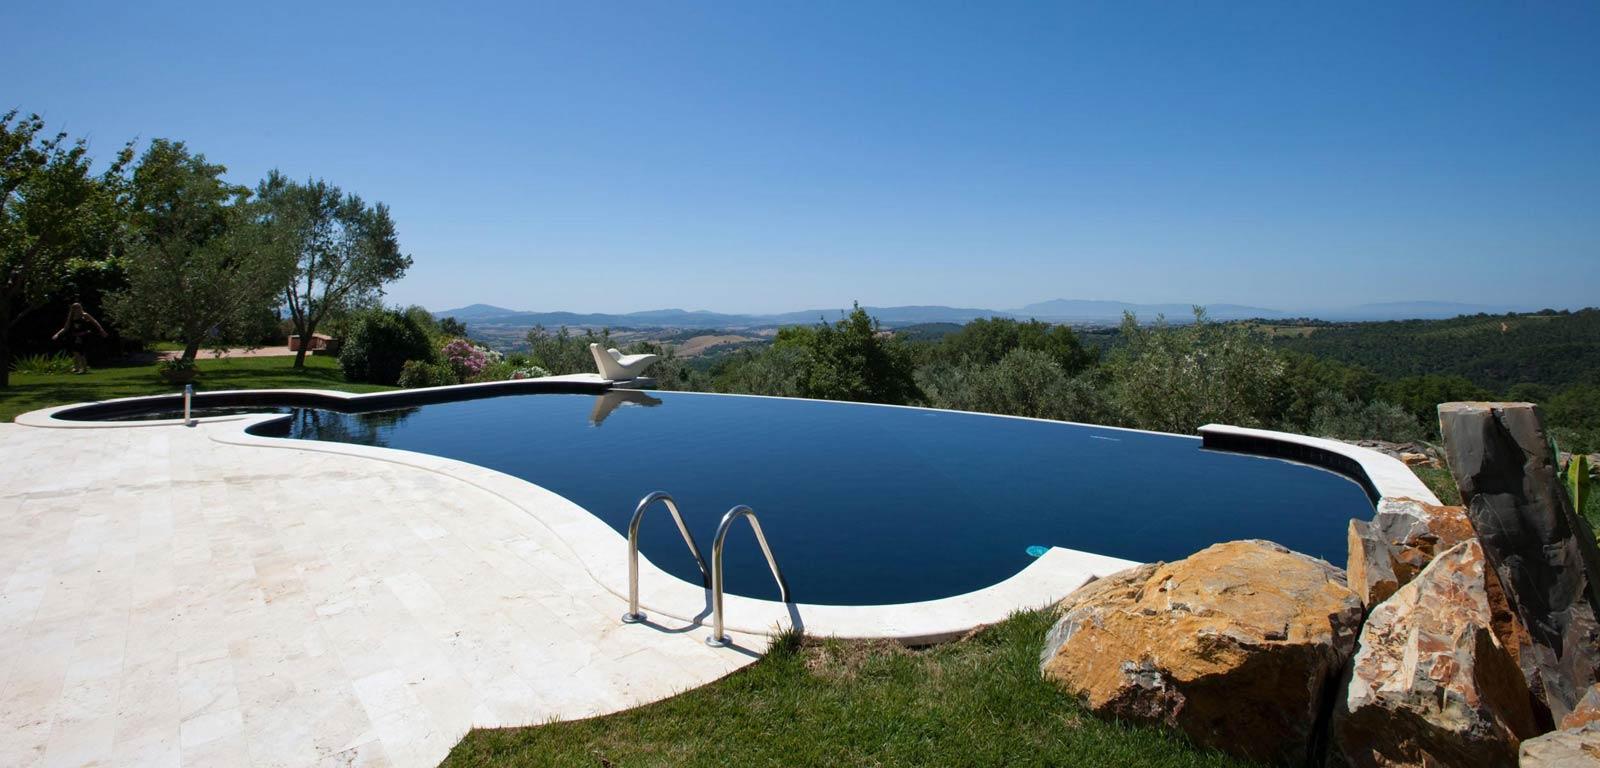 Piscine con rivestimento nero piscine castiglione - Ipoclorito di calcio per piscine ...